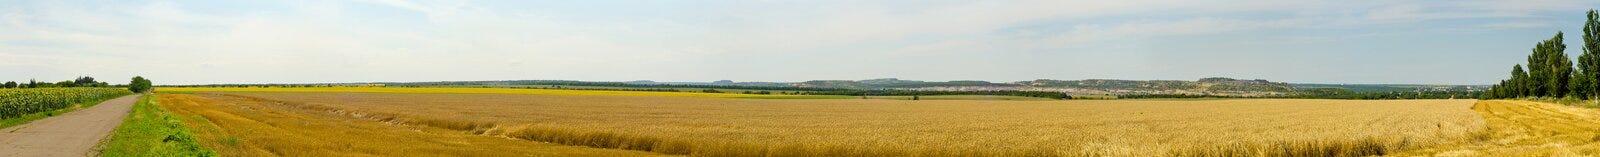 Панорама пшеничного поля Стоковые Изображения